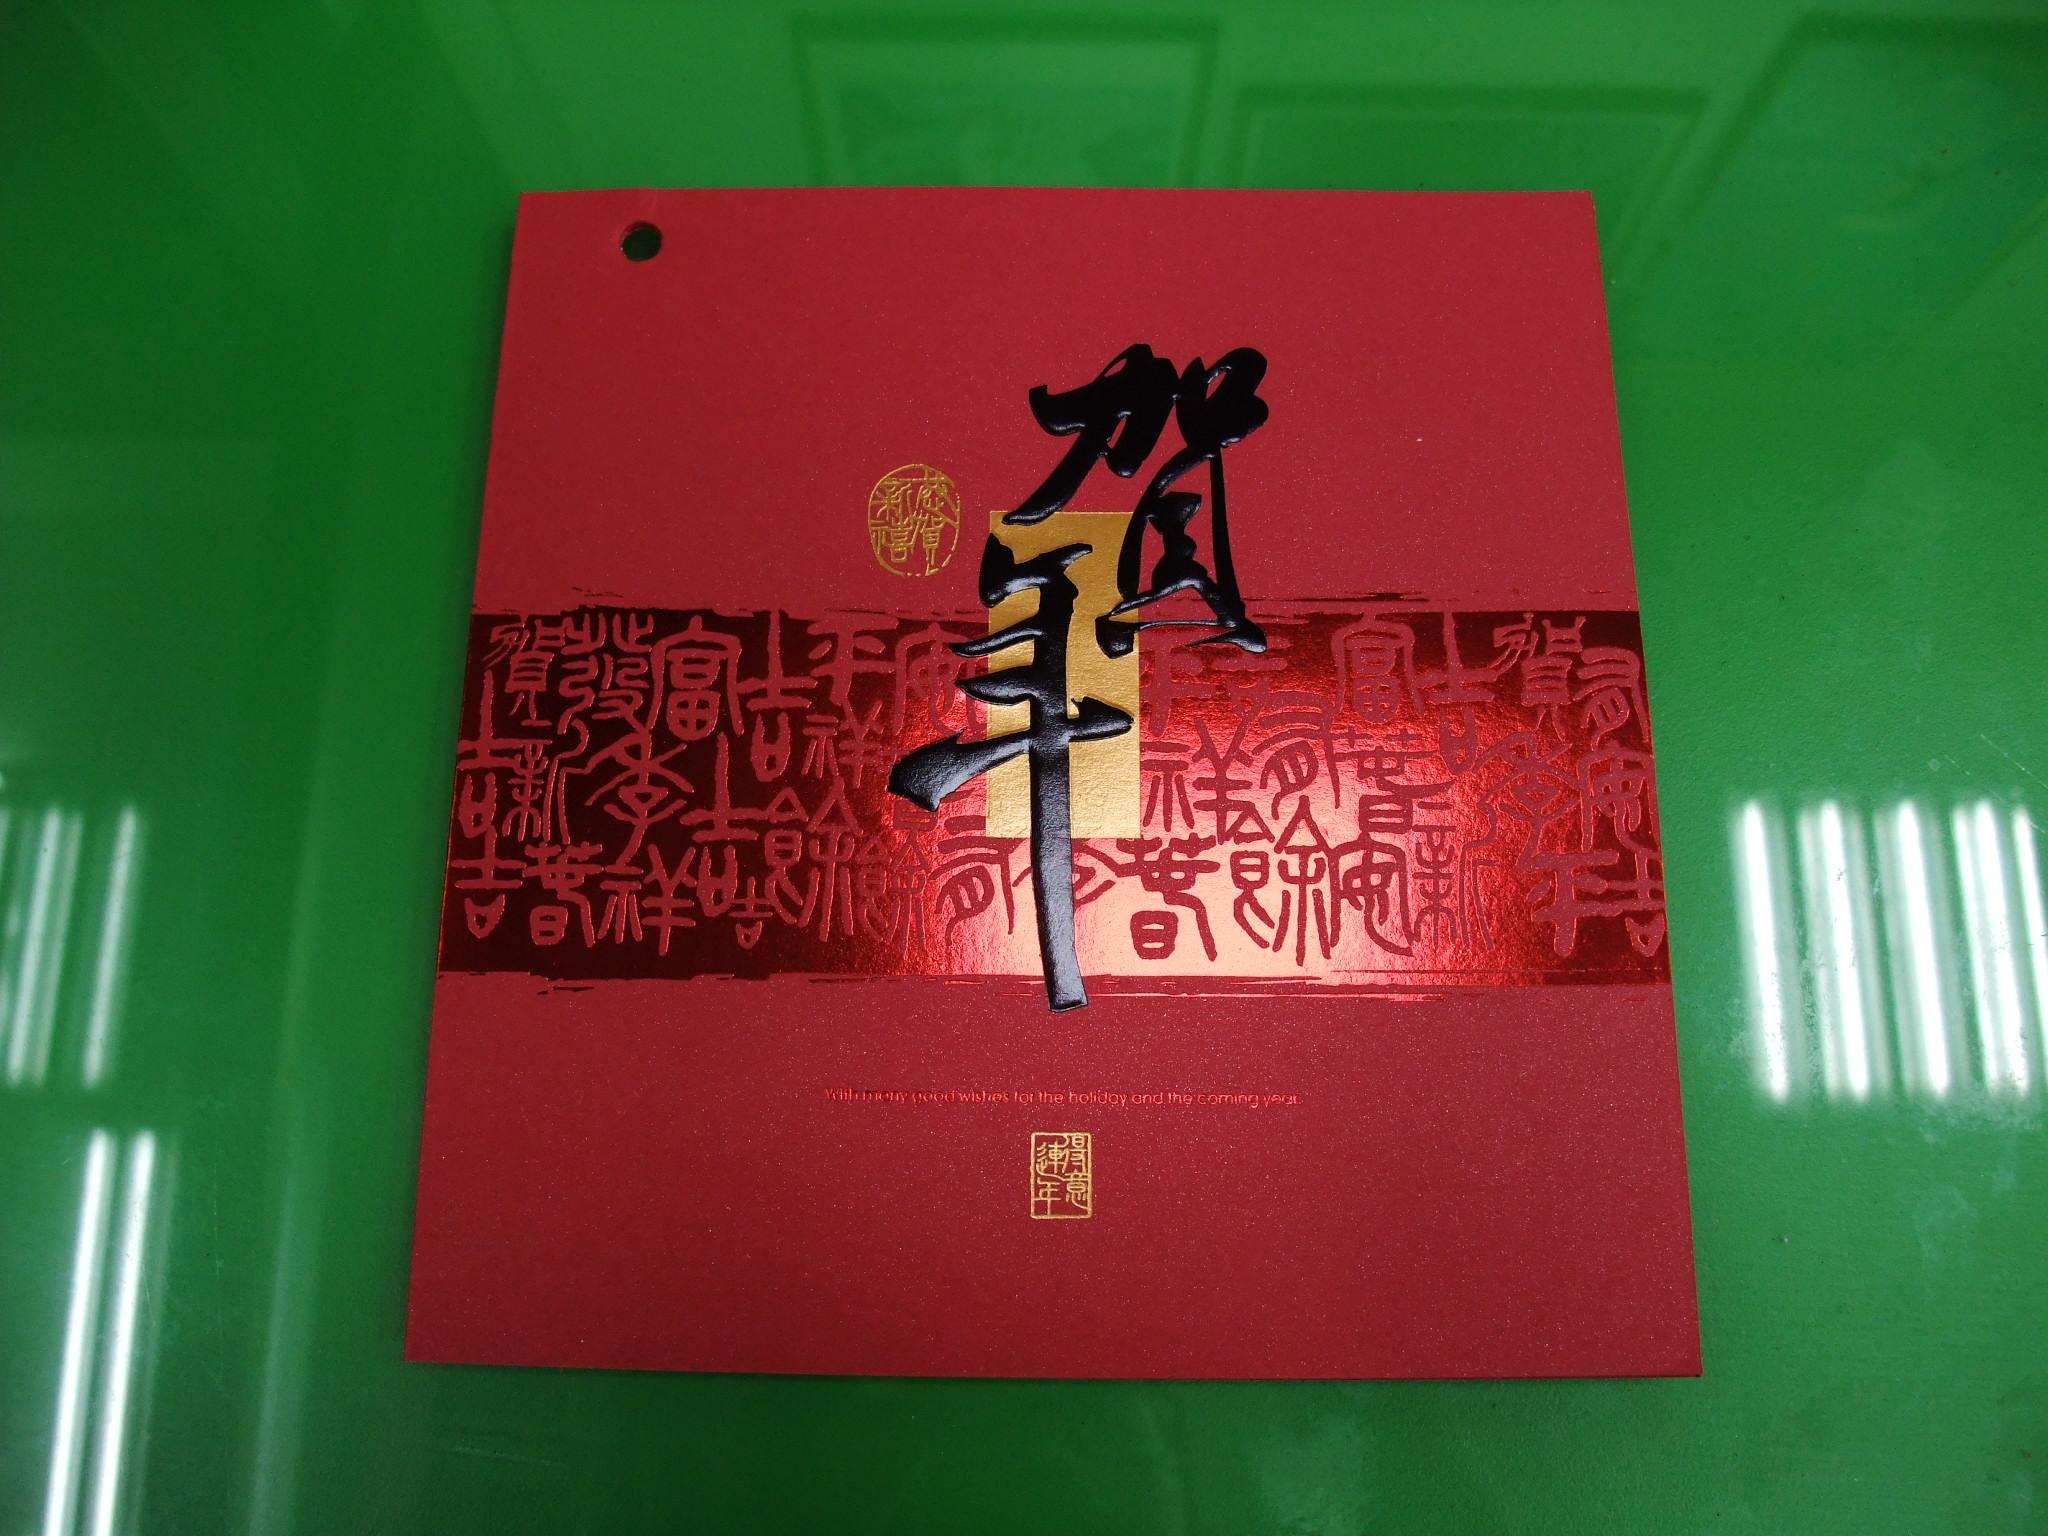 > 2017-大明-鸡年贺年卡